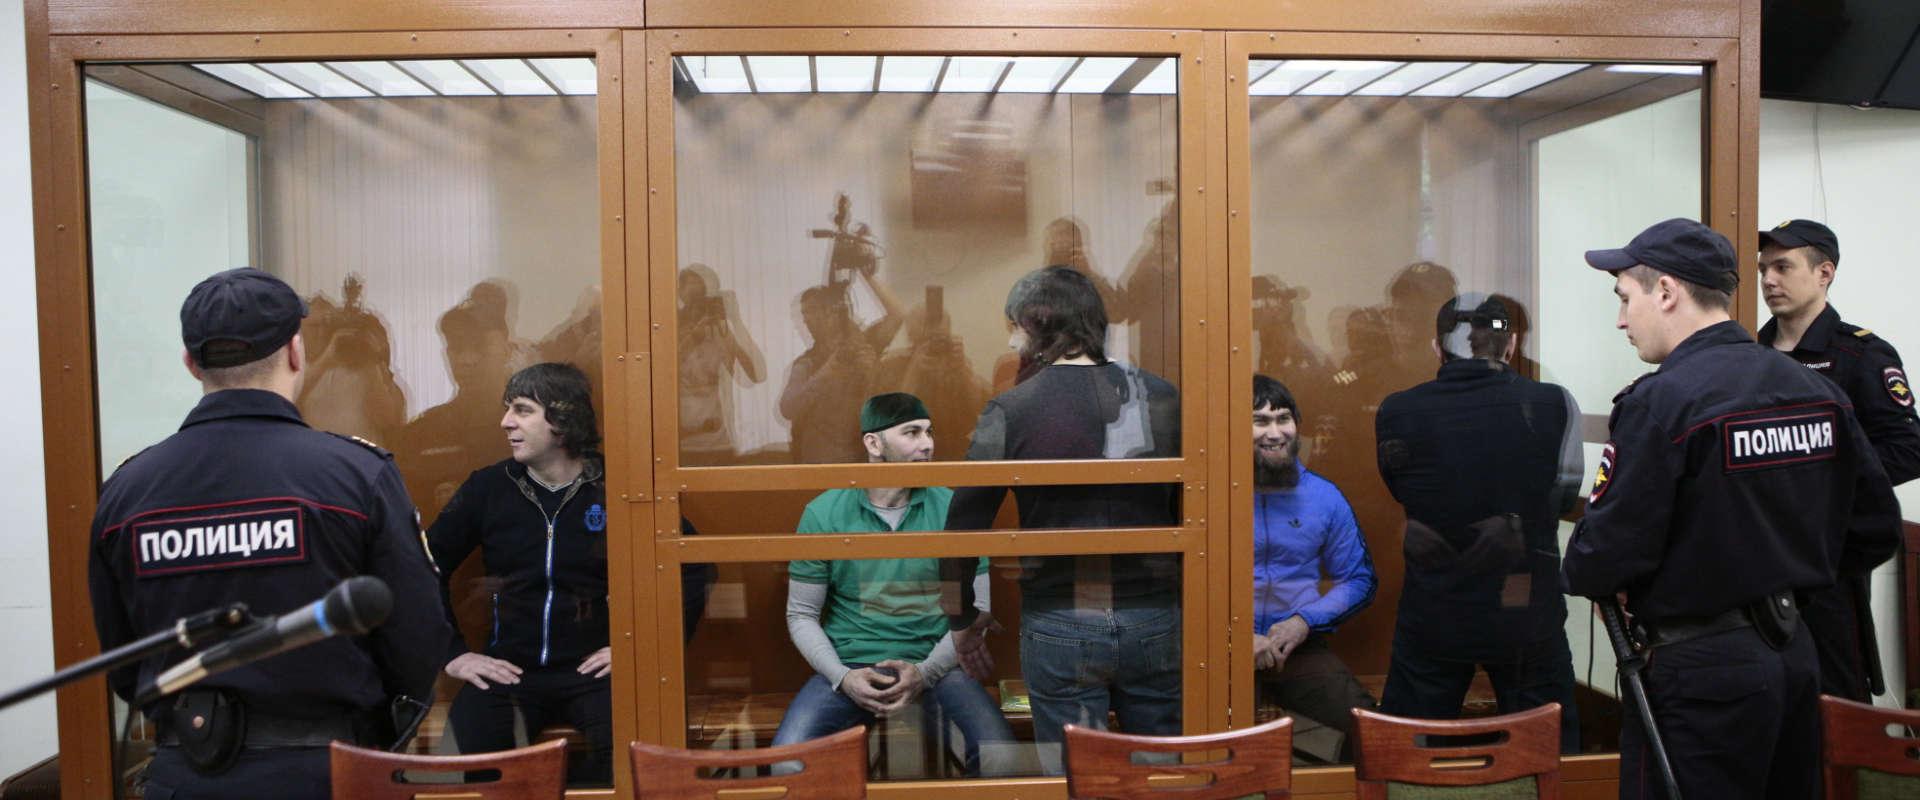 הנאשמים ברצח נמצוב בבית המשפט